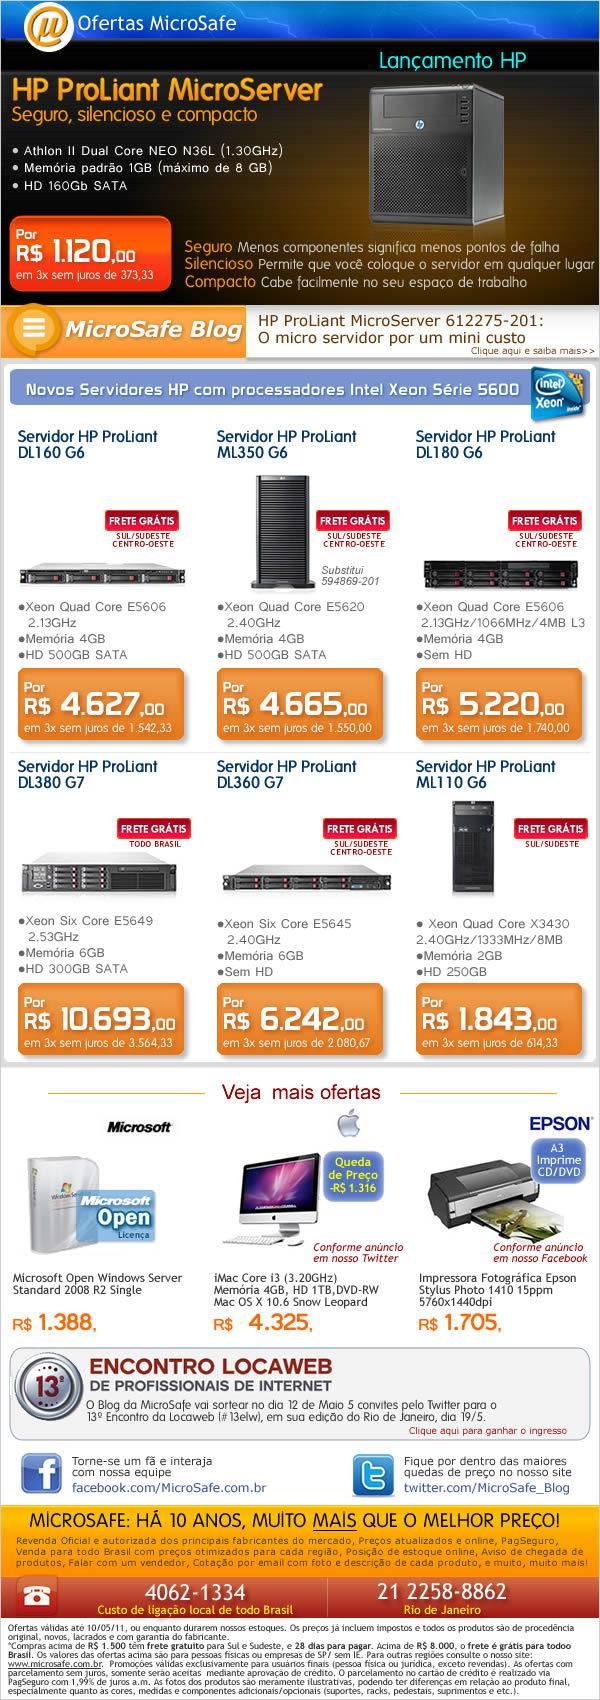 Novos servidores HP na MicroSafe!